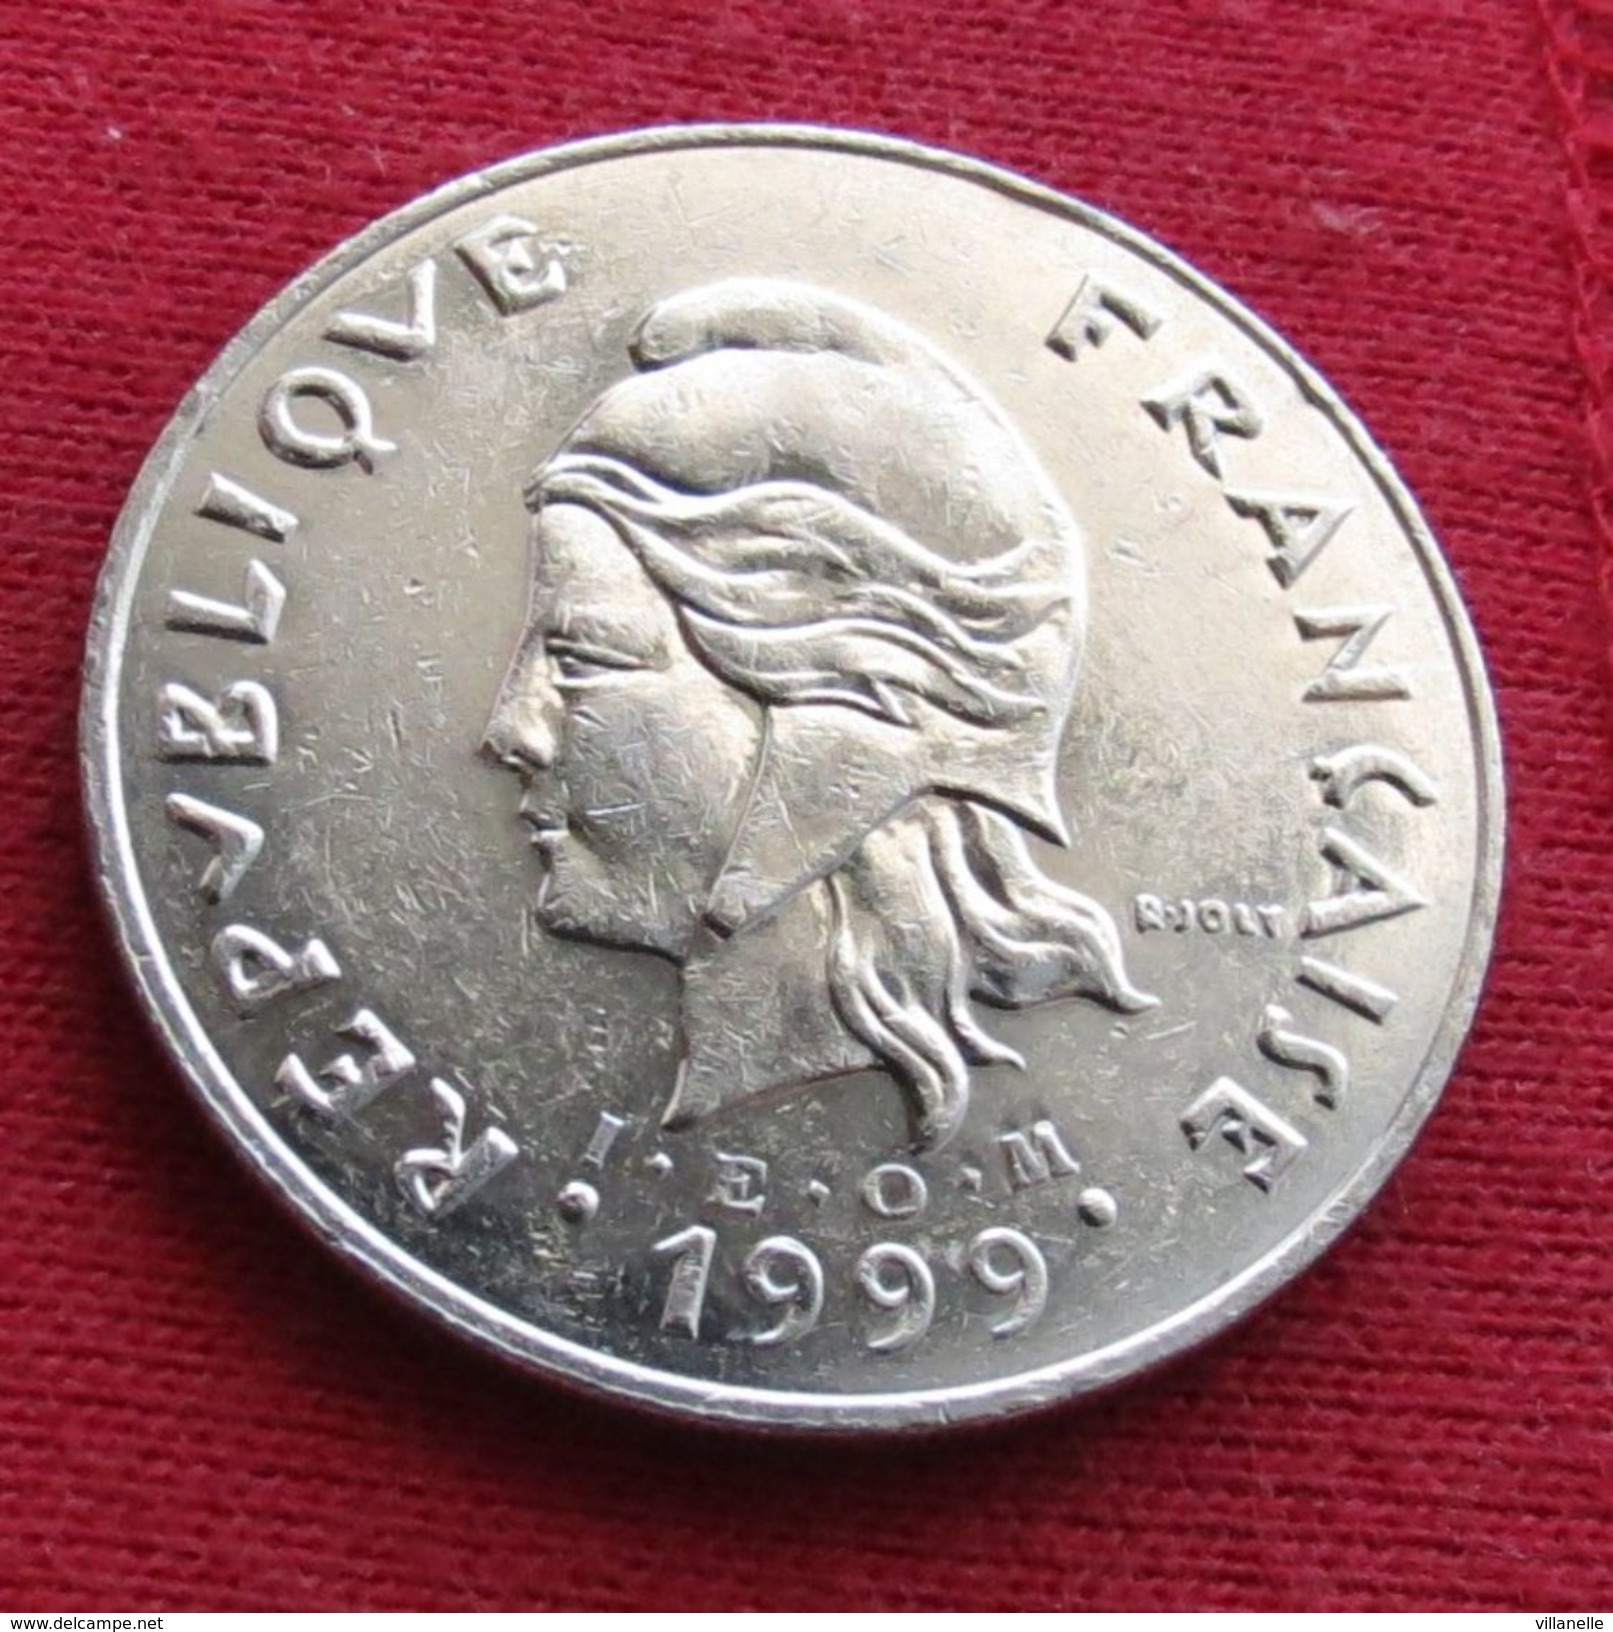 French Polynesia 50 Francs 1999 KM# 13 Polynesie Polinesia - Polynésie Française